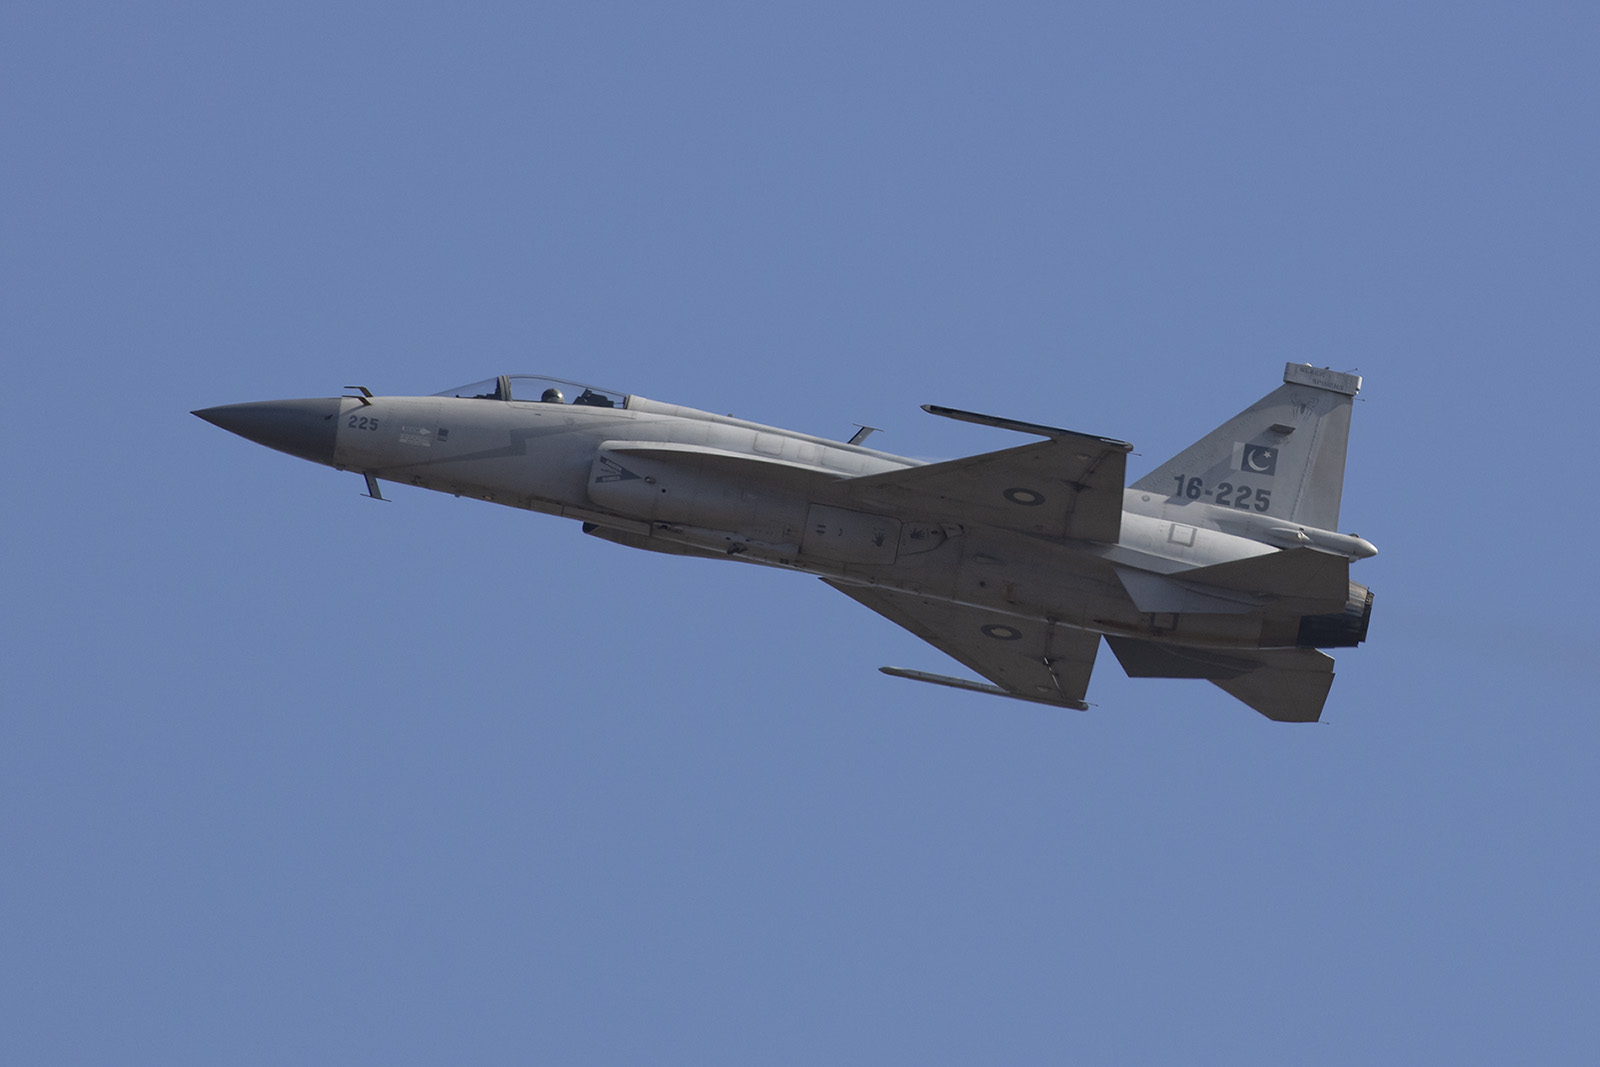 ... produziert diesen auch für die pakistanische Luftwaffe.